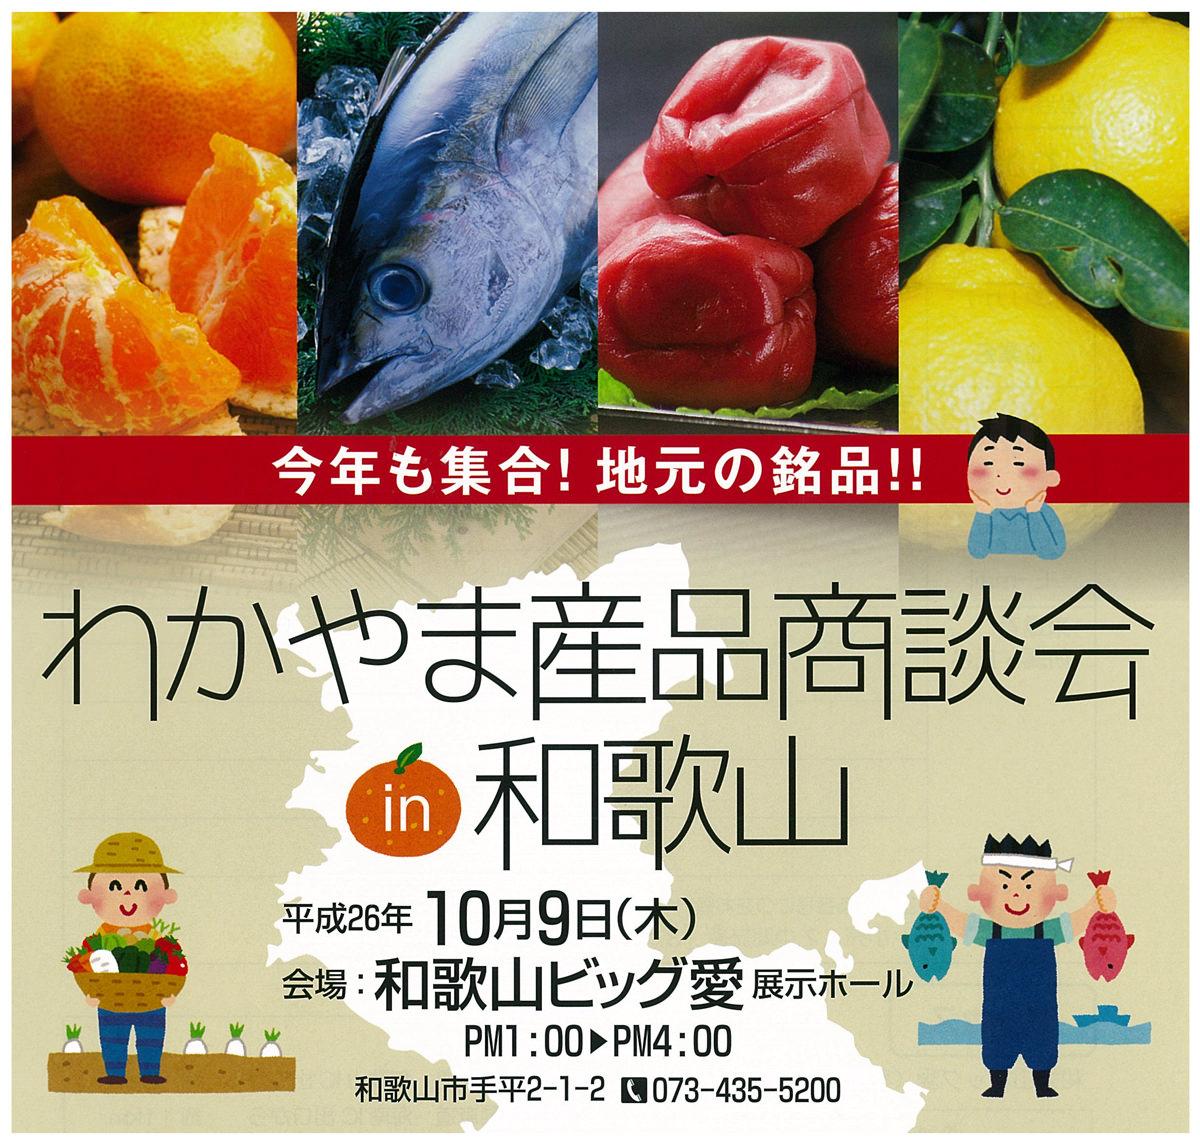 「わかやま産品商談会 in 和歌山」の開催